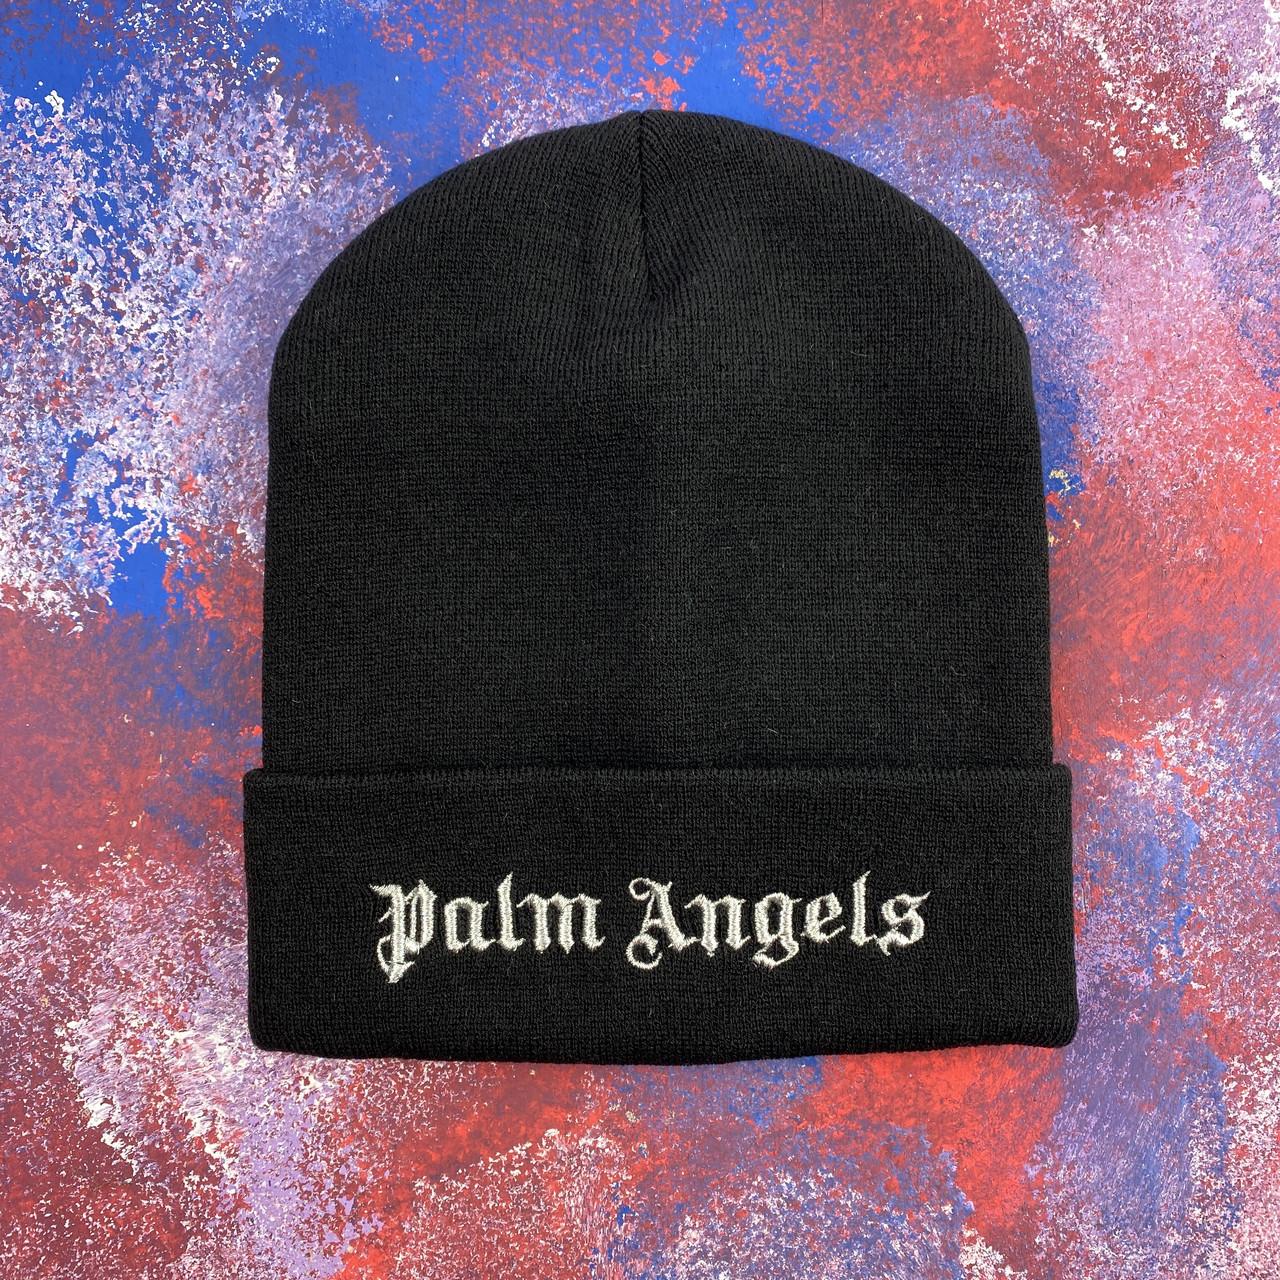 Чорна шапка Palm Angels з срібною вишивкою